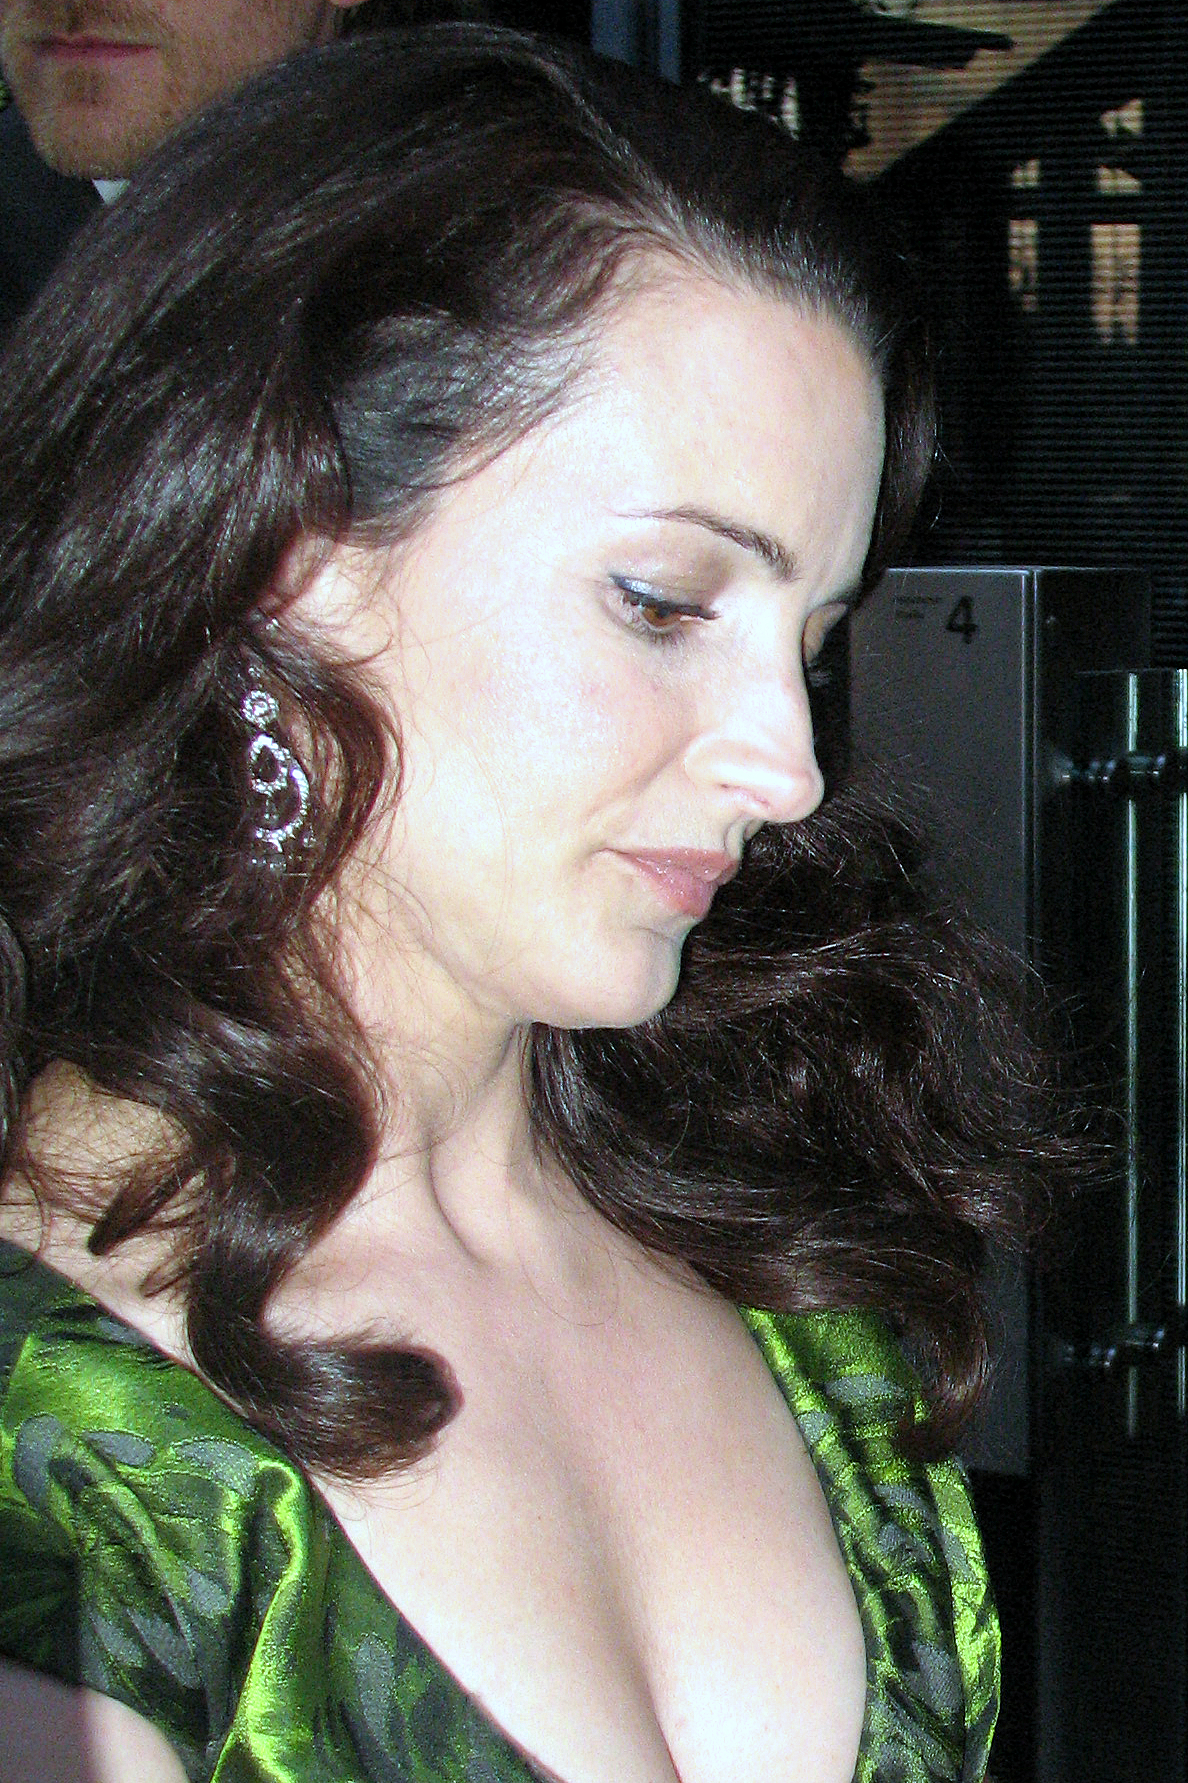 Michelle Molineux